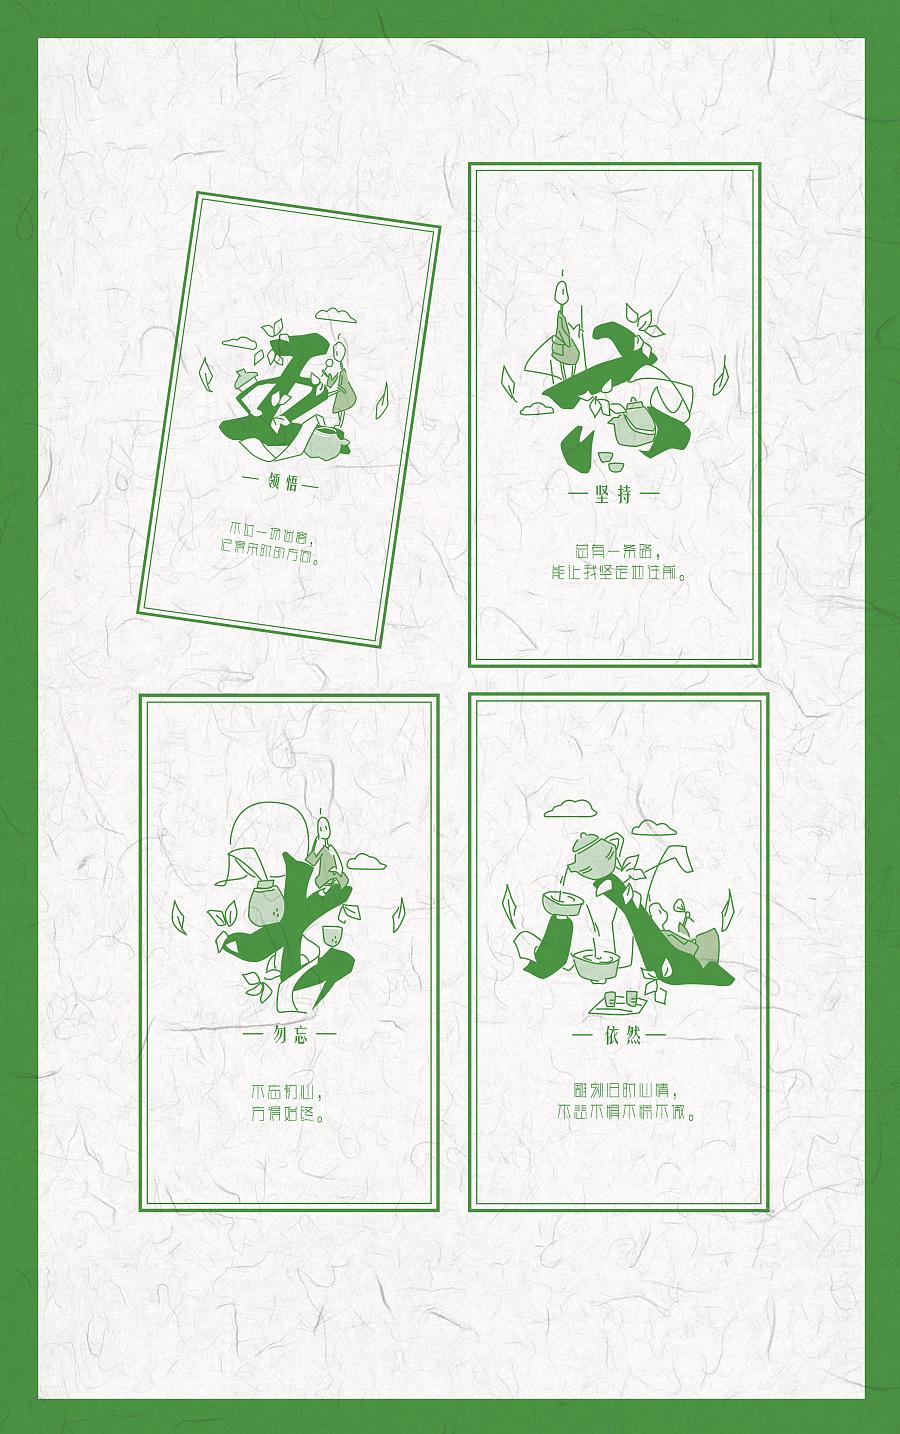 包装设计—手绘插画部分